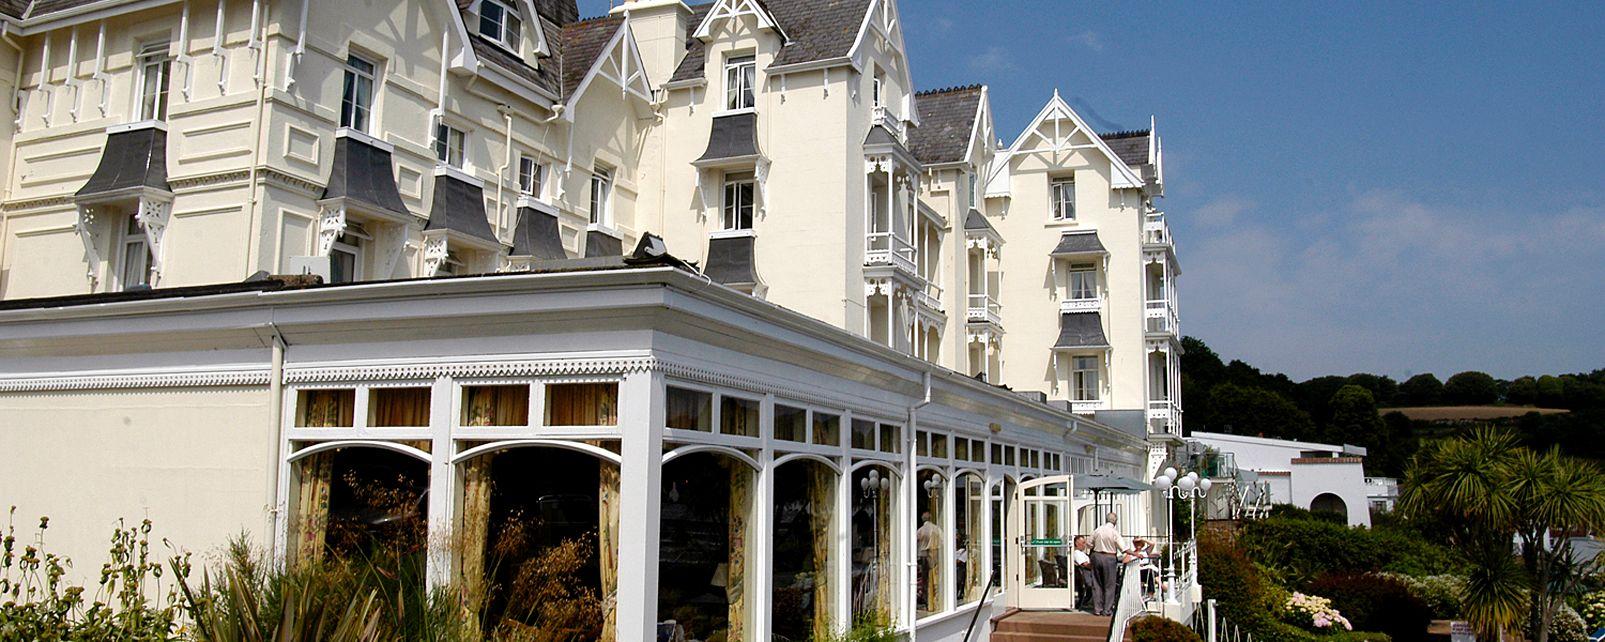 Hotel Somerville